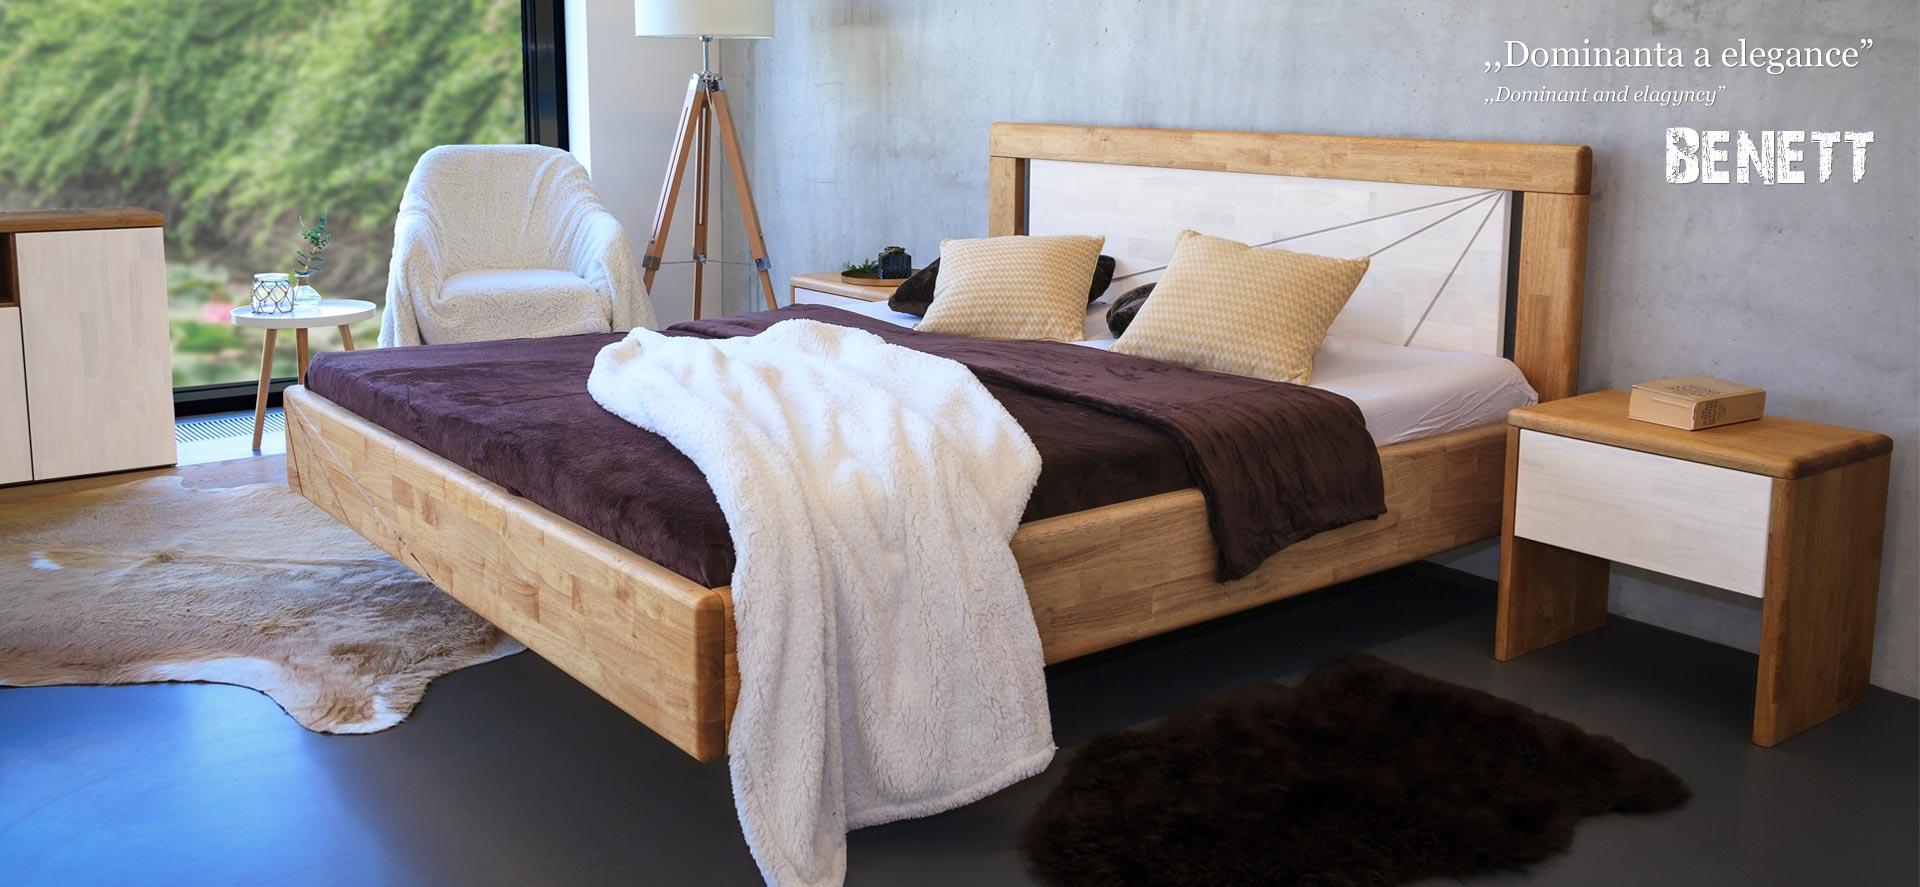 Levitující postel z masivního dubu model BENETT